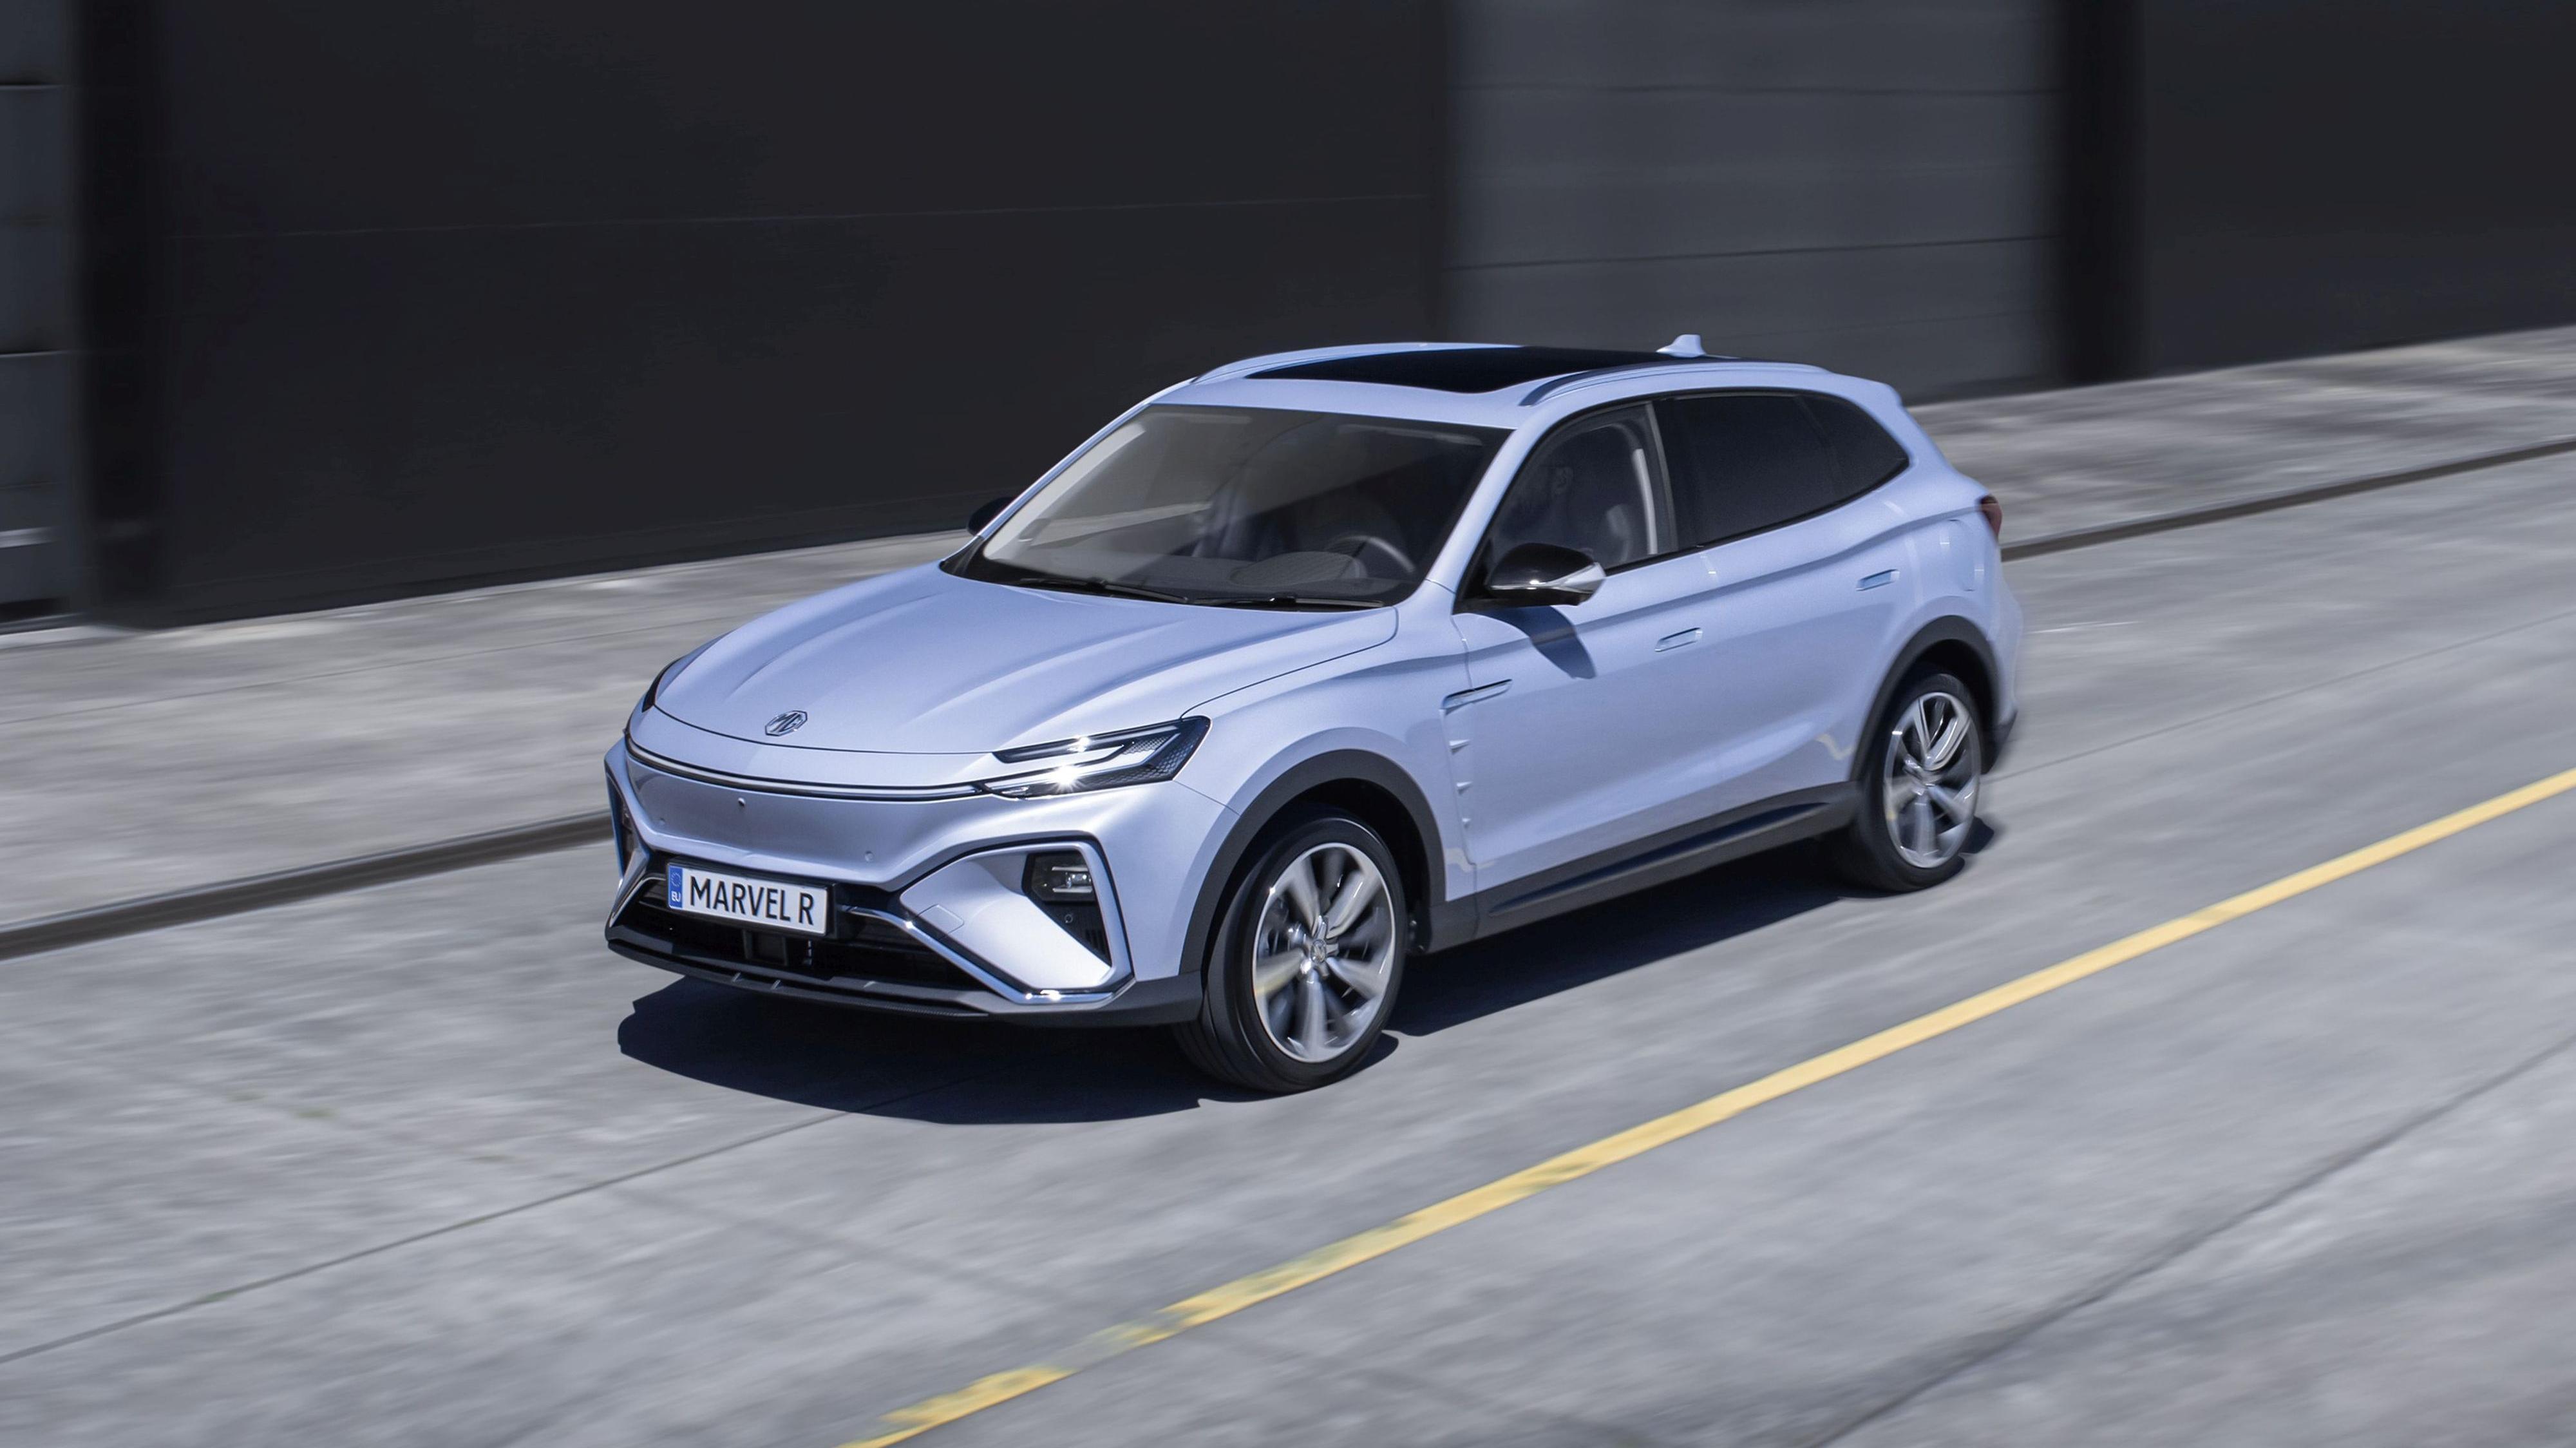 Marvel R er den nye el-SUV-en fra MG. Den blir mulig å beskue for nordmenn allerede senere denne måneden.